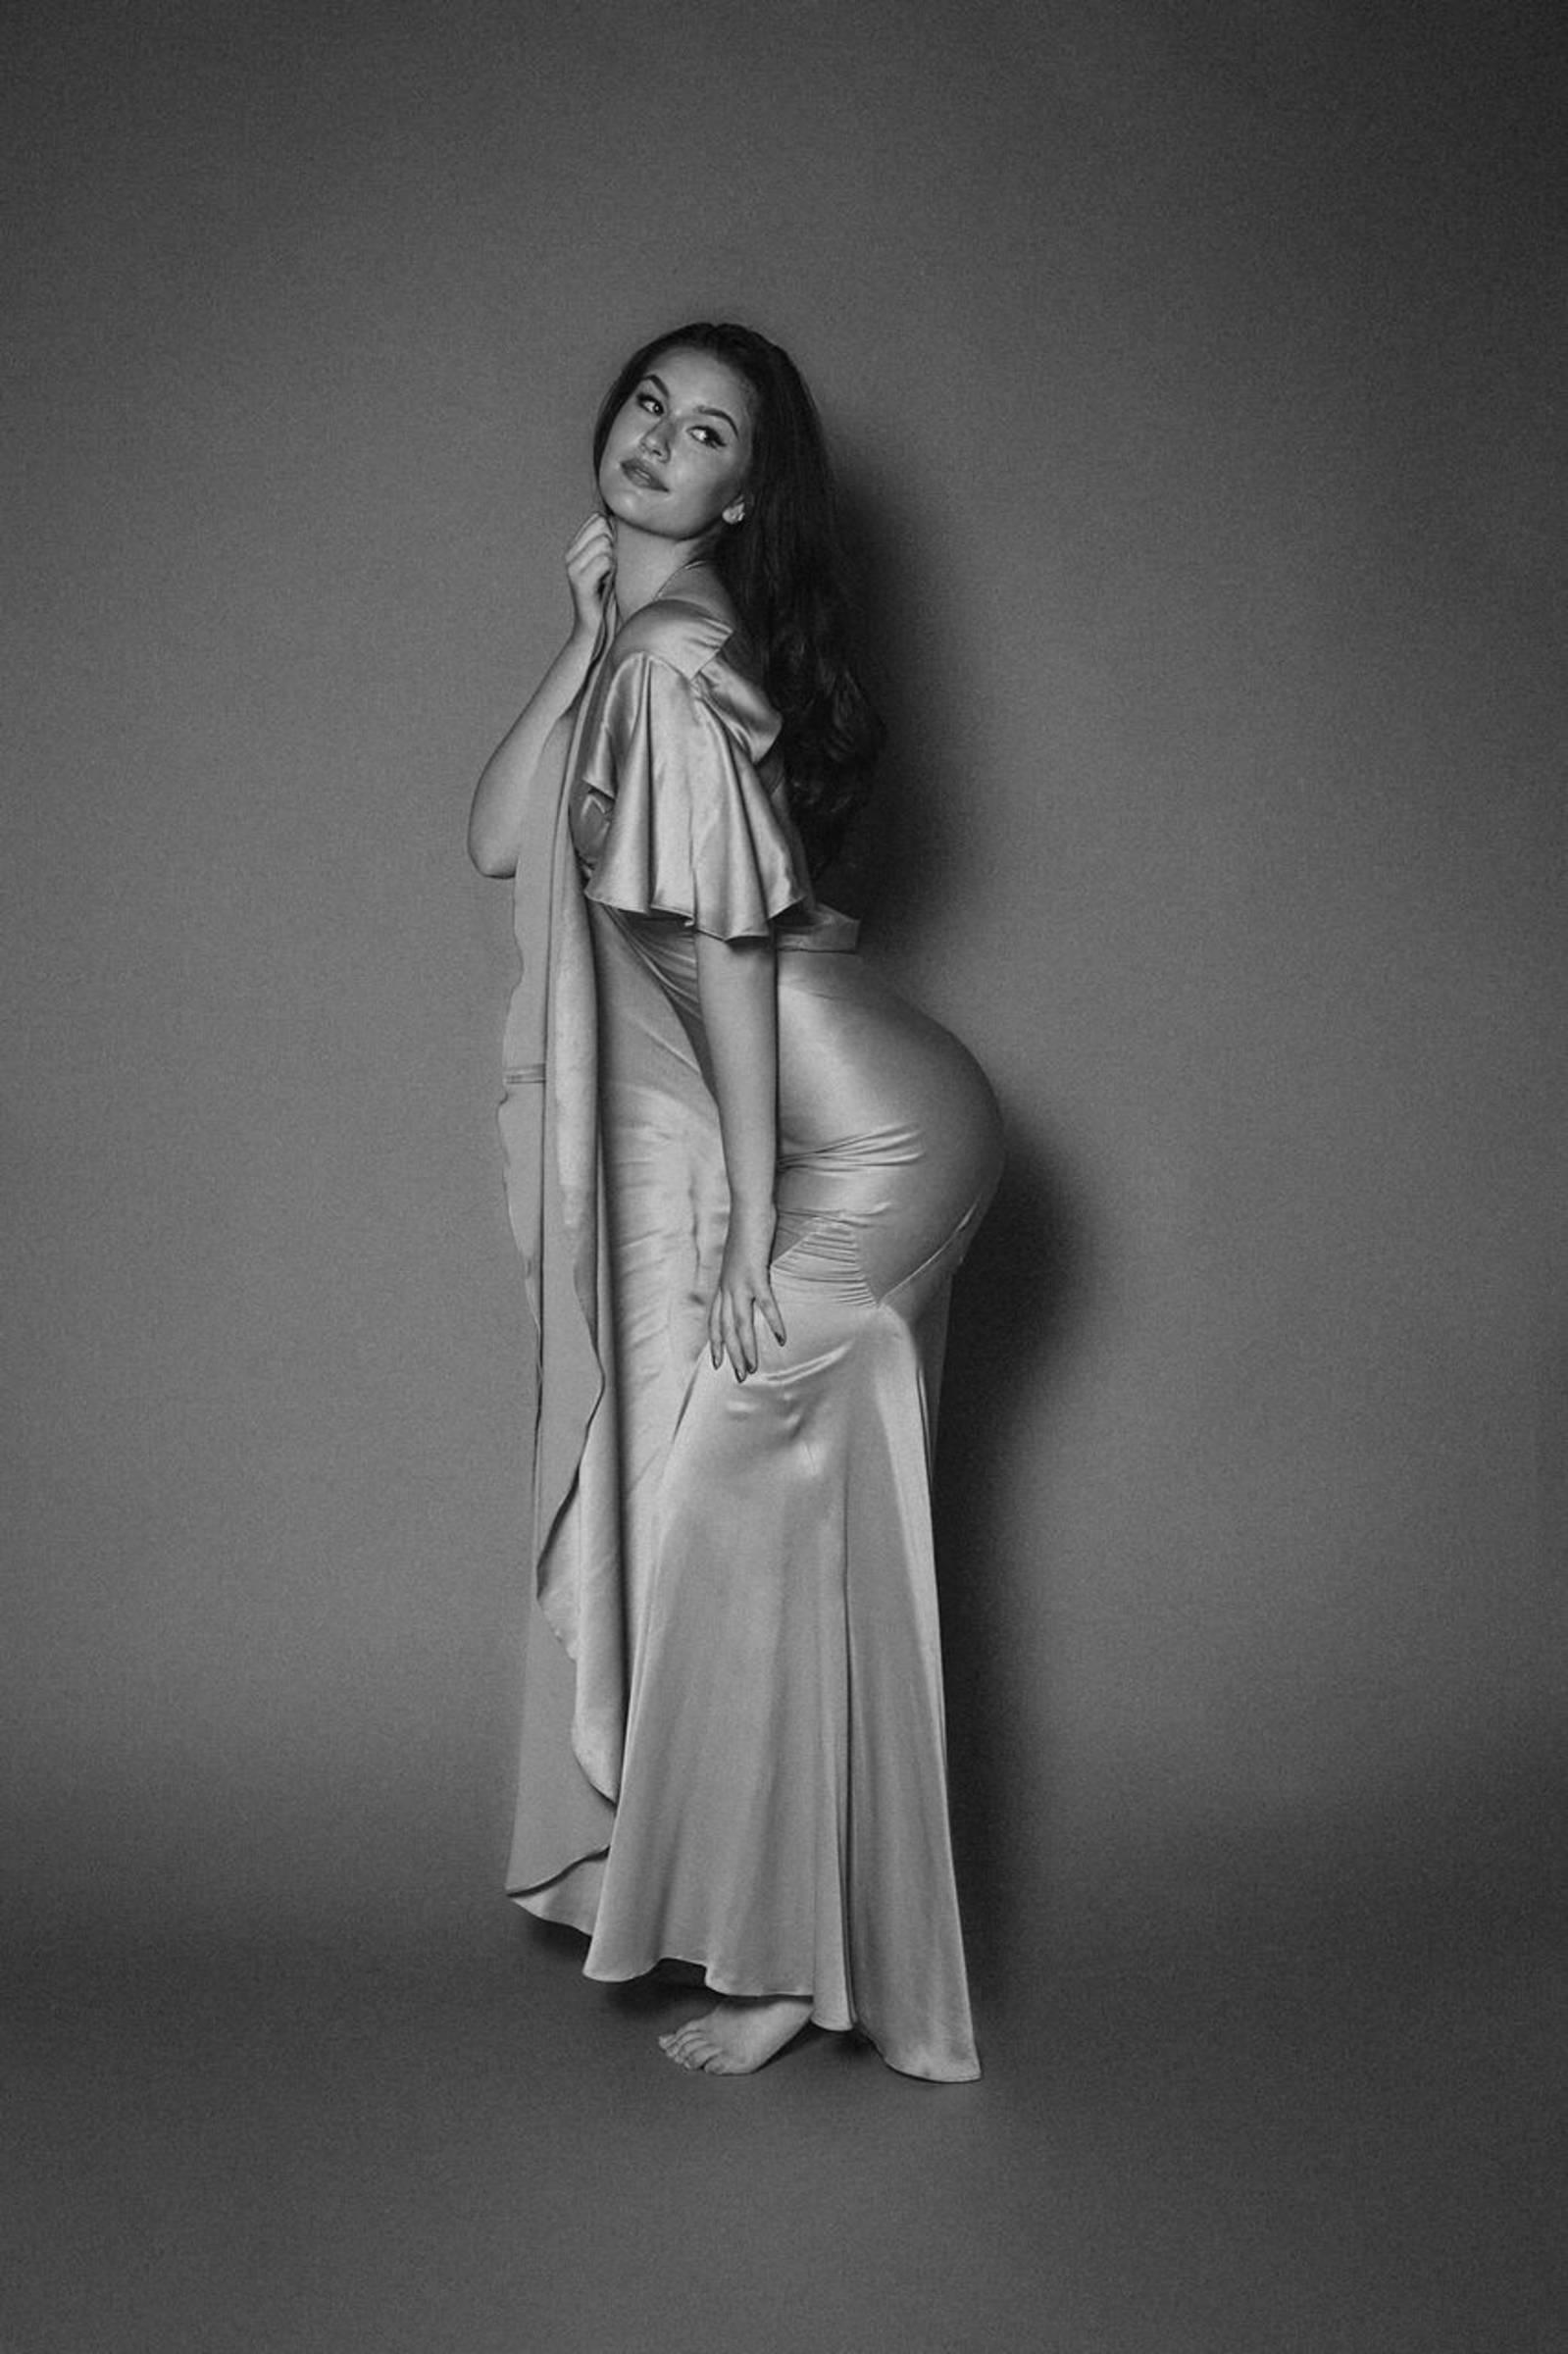 mae mckagan female fashion models bellazon